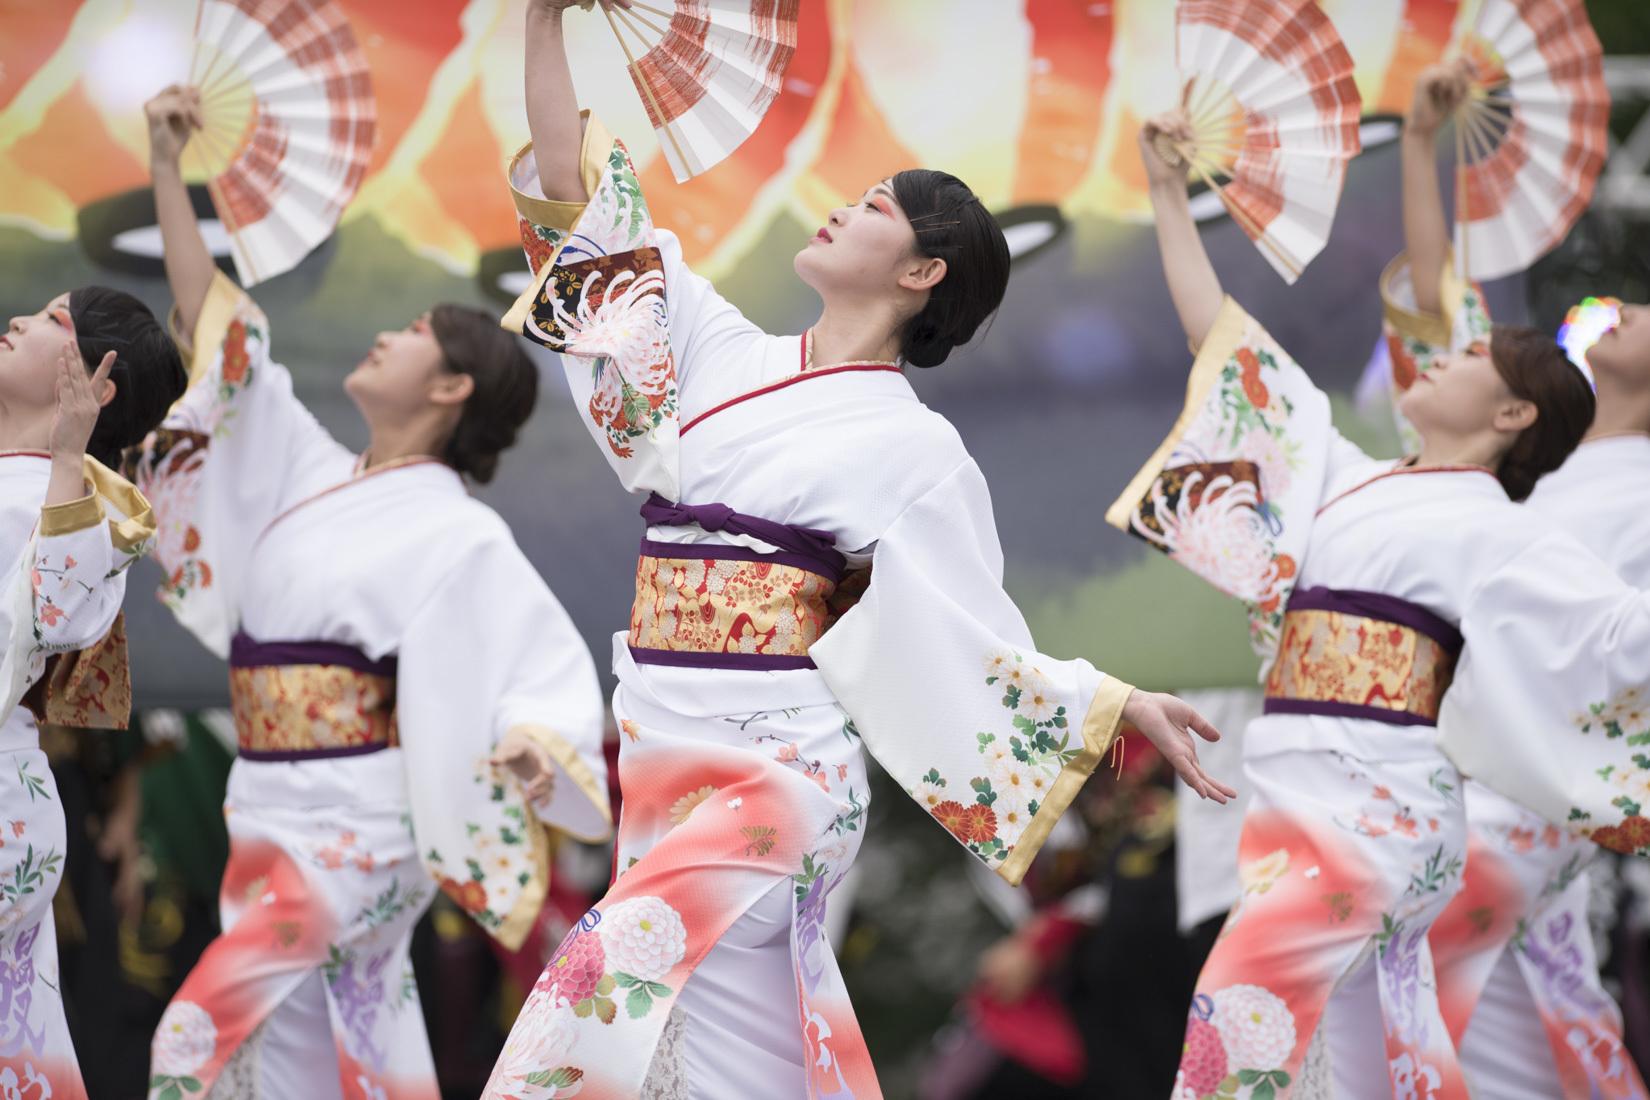 2019 犬山踊芸祭『浜松学生連 鰻陀羅』_f0184198_00134302.jpg